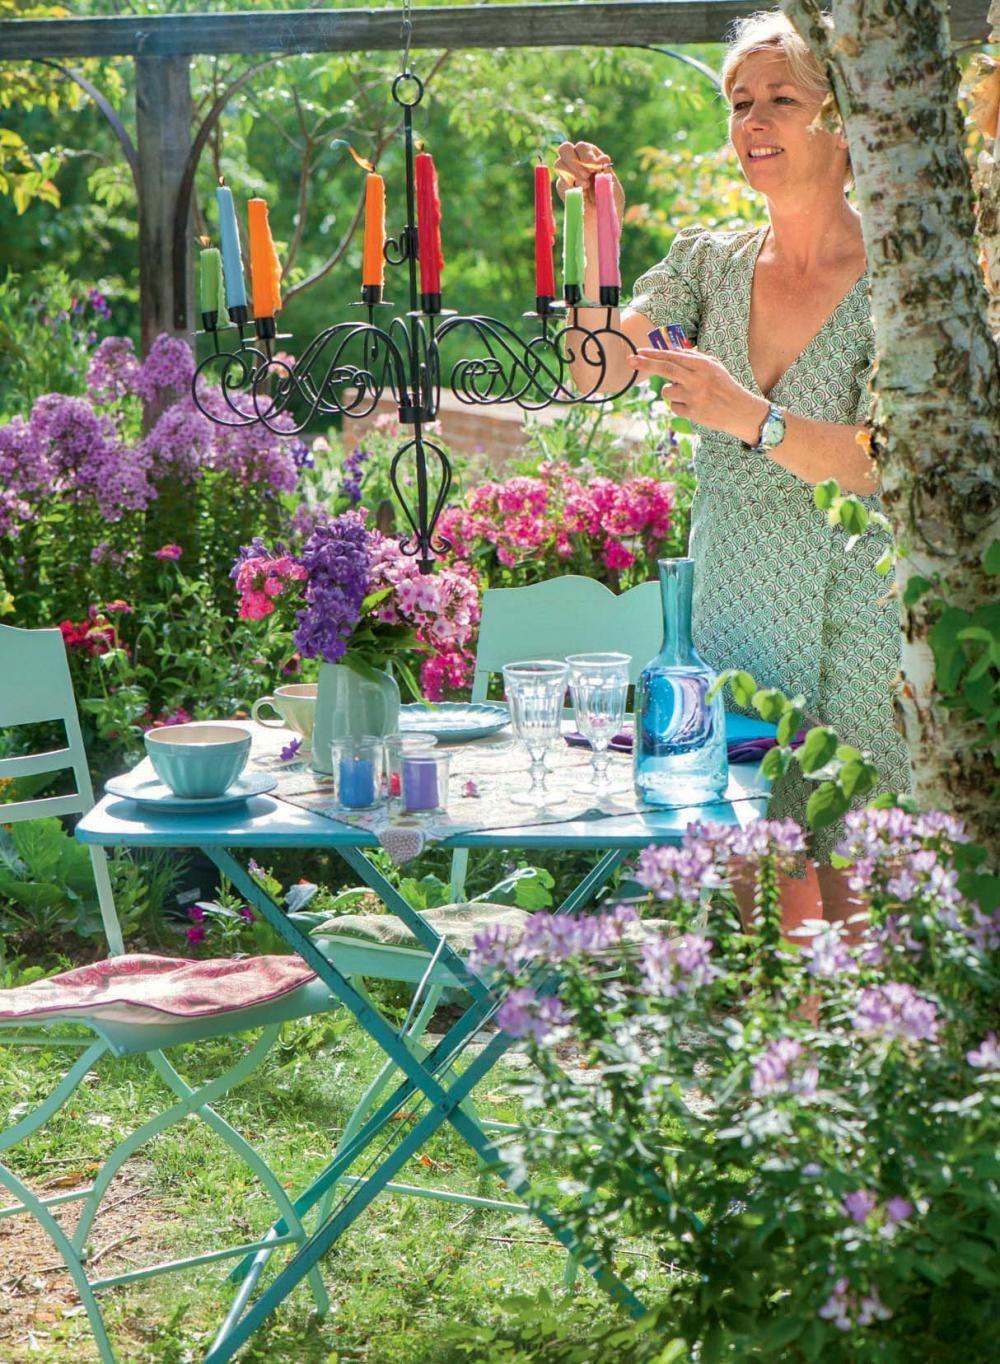 12 Ideen Fur Sitzplatze Im Garten Sitzplatz Im Garten